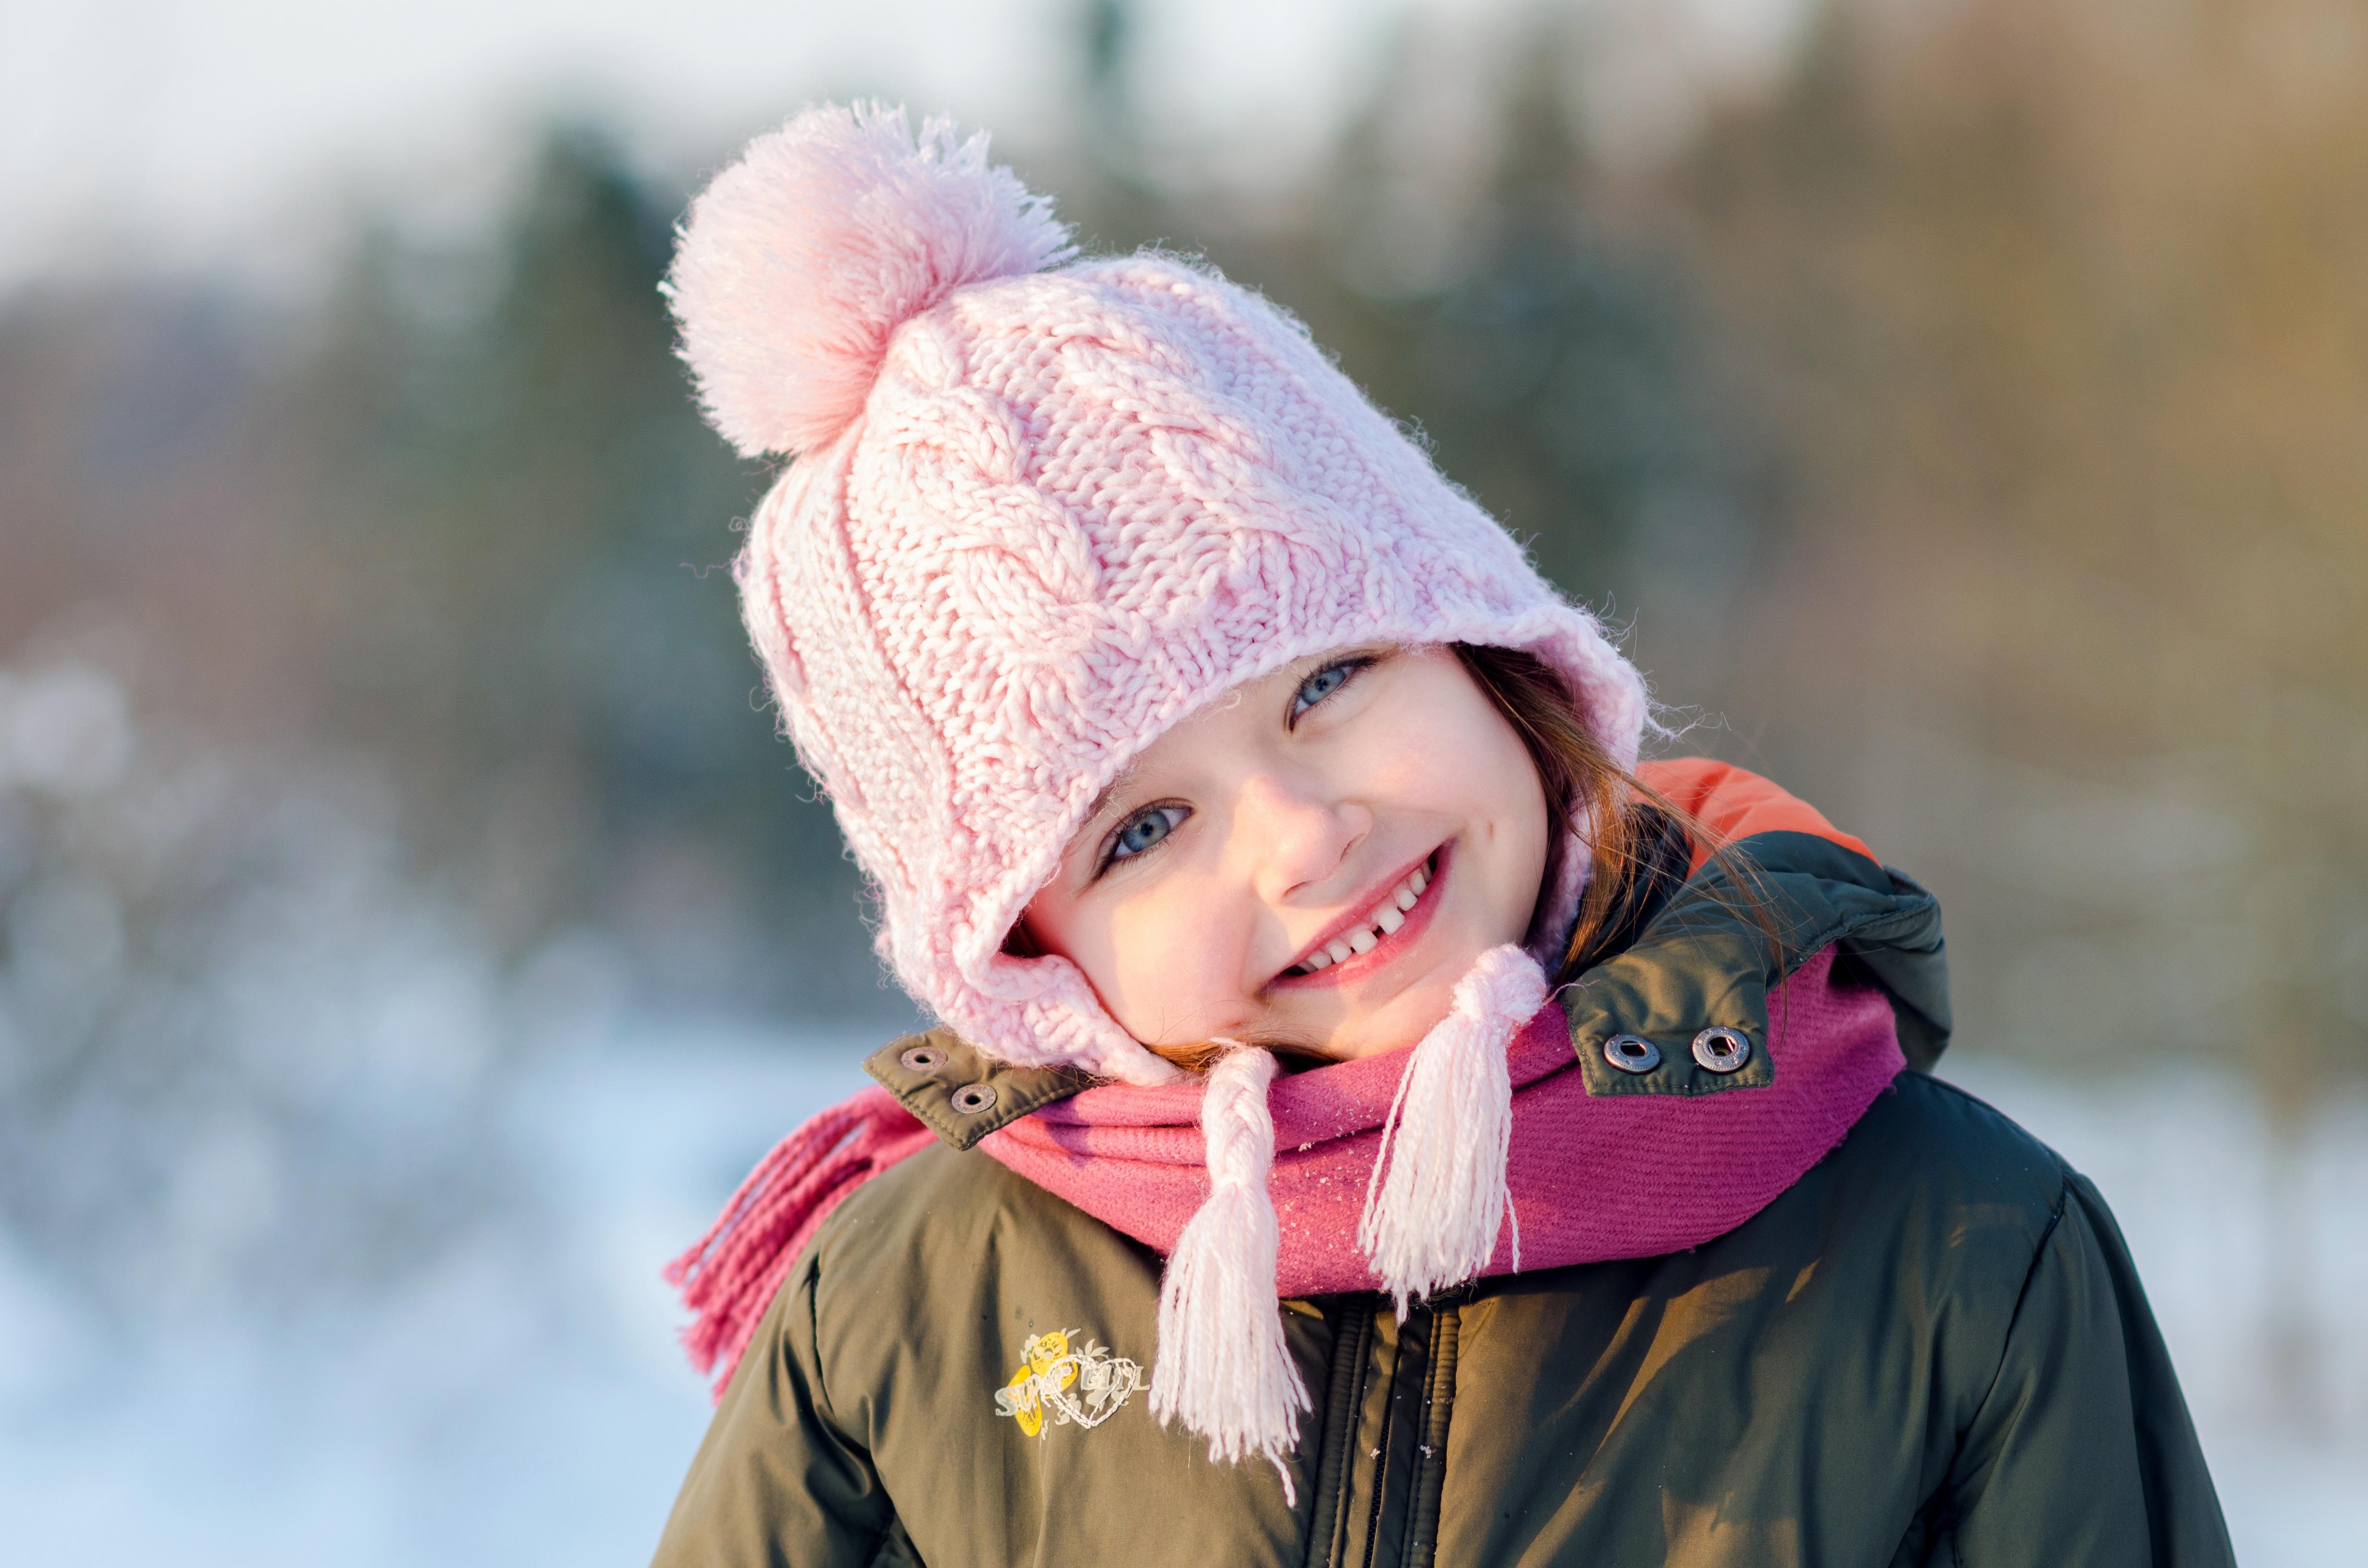 Картинка ребенка в зимней одежде